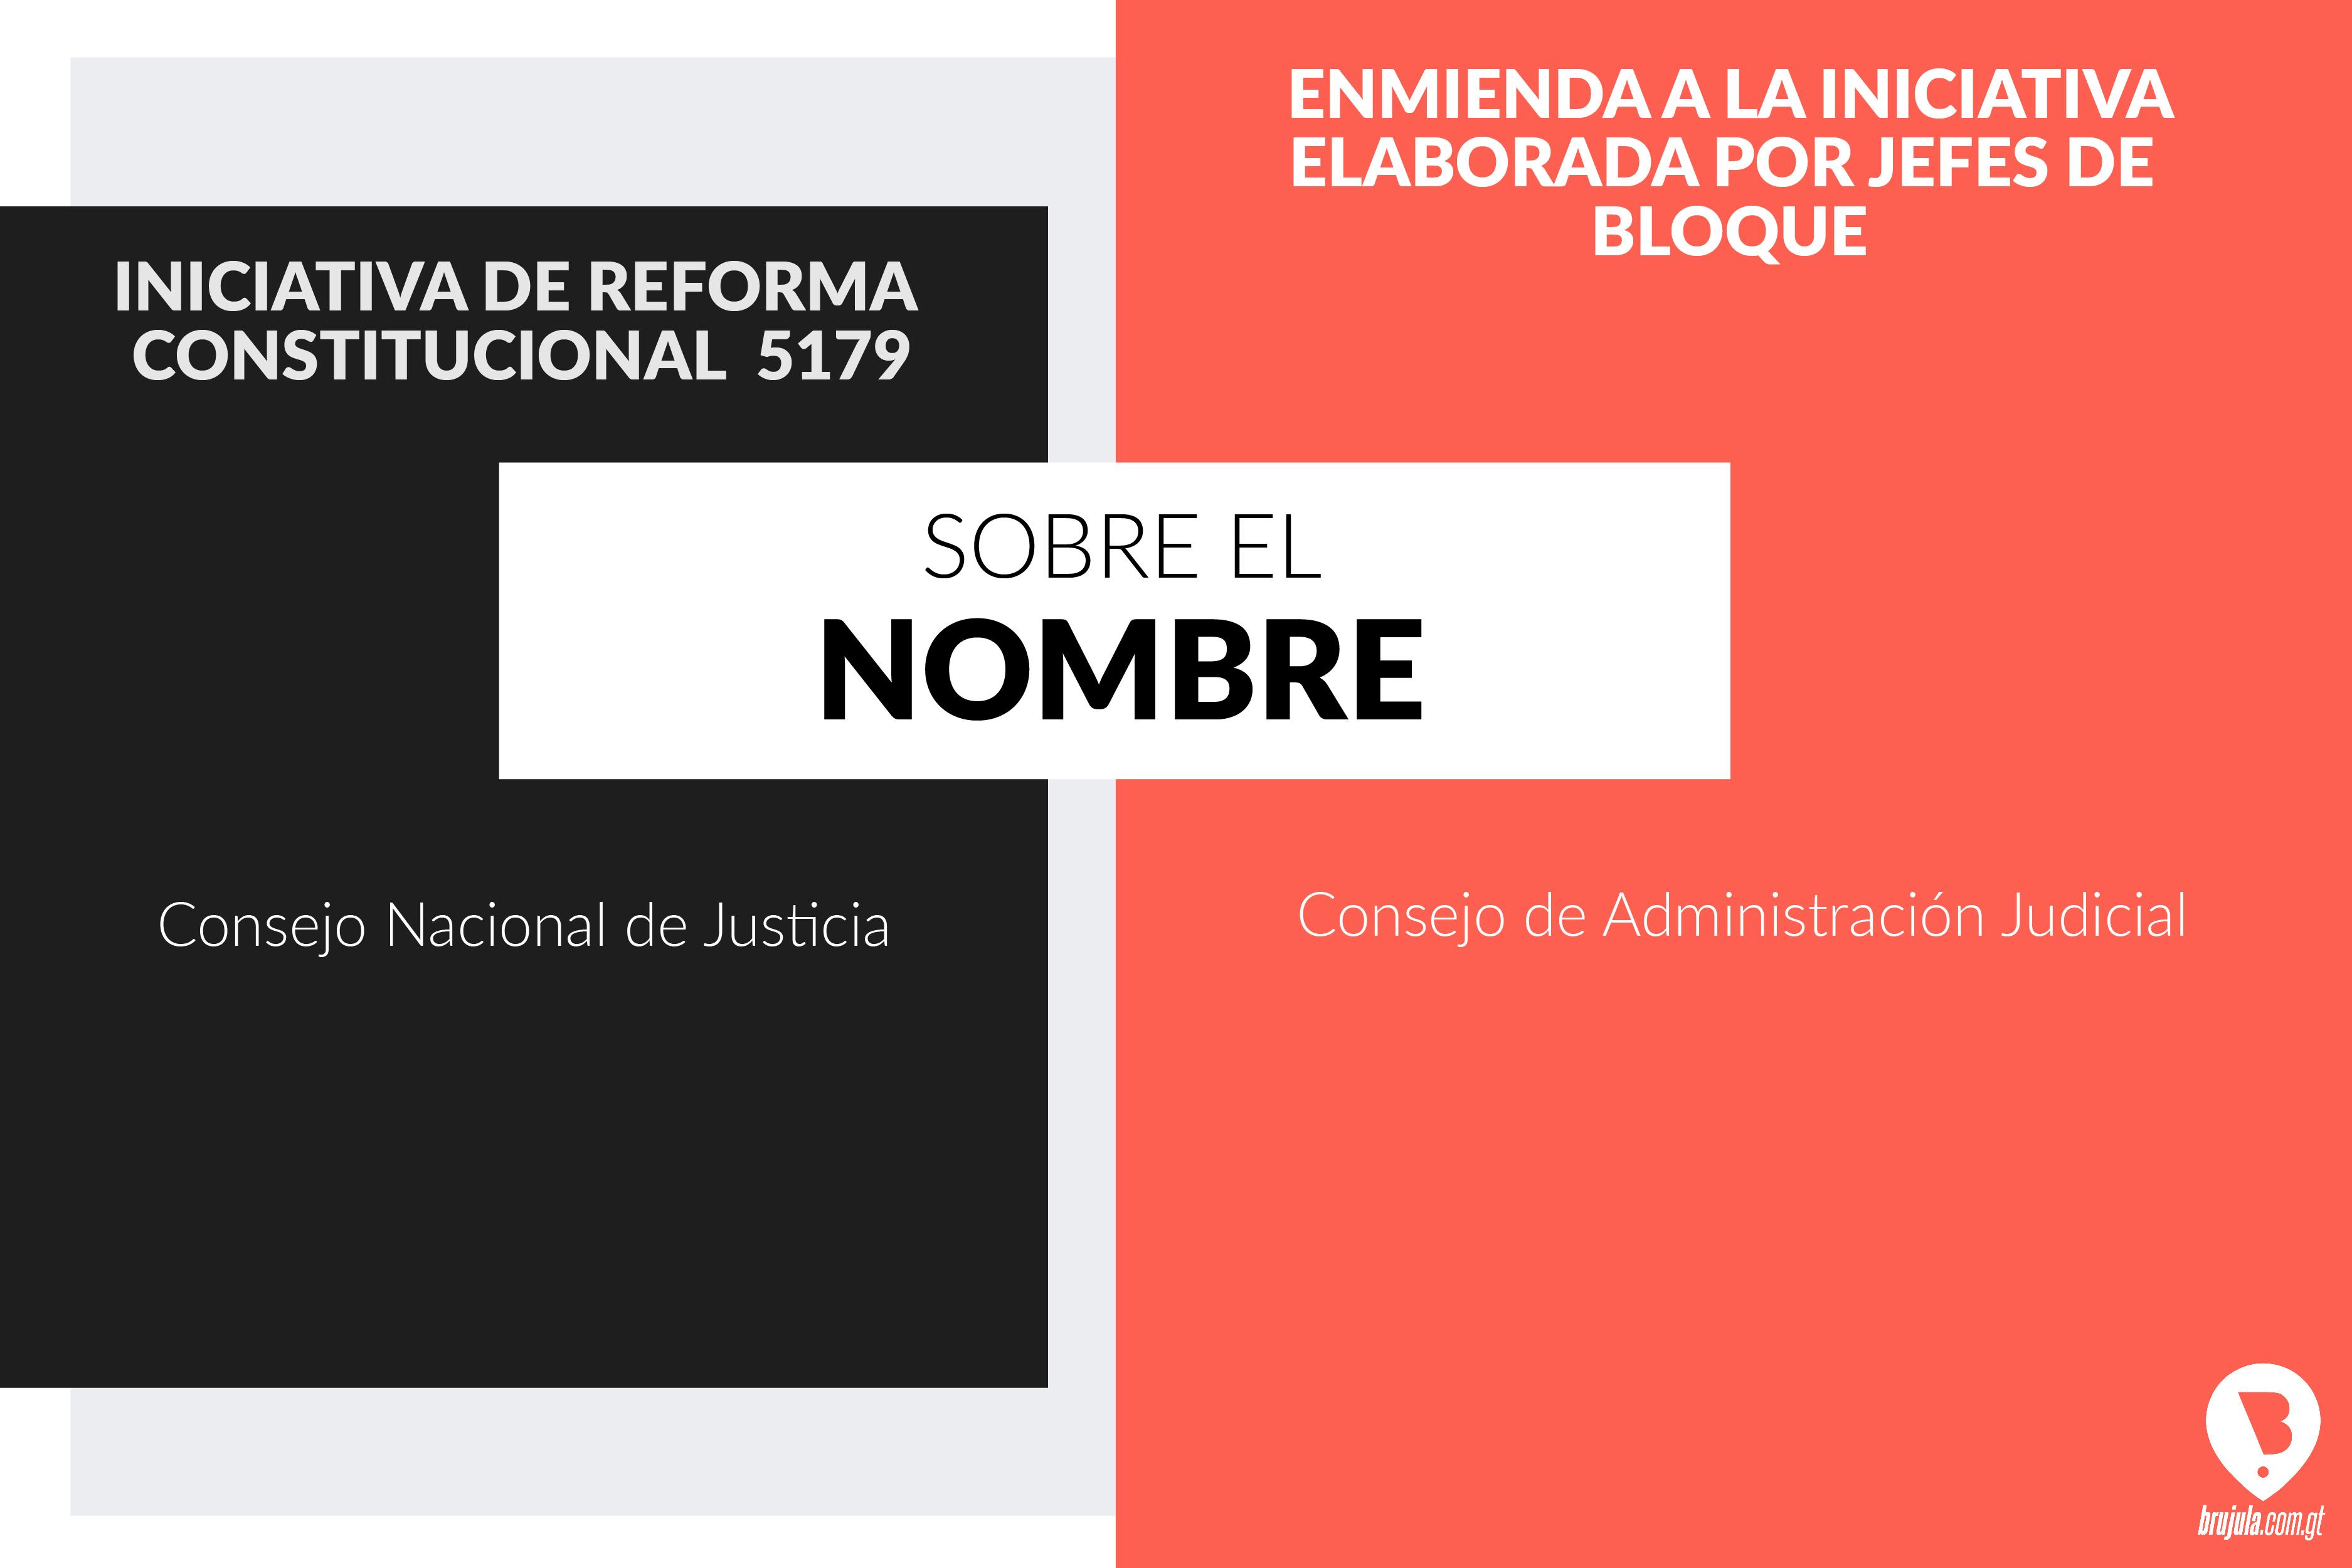 INFOGRAFÍA REFORMA CONST 5179-01